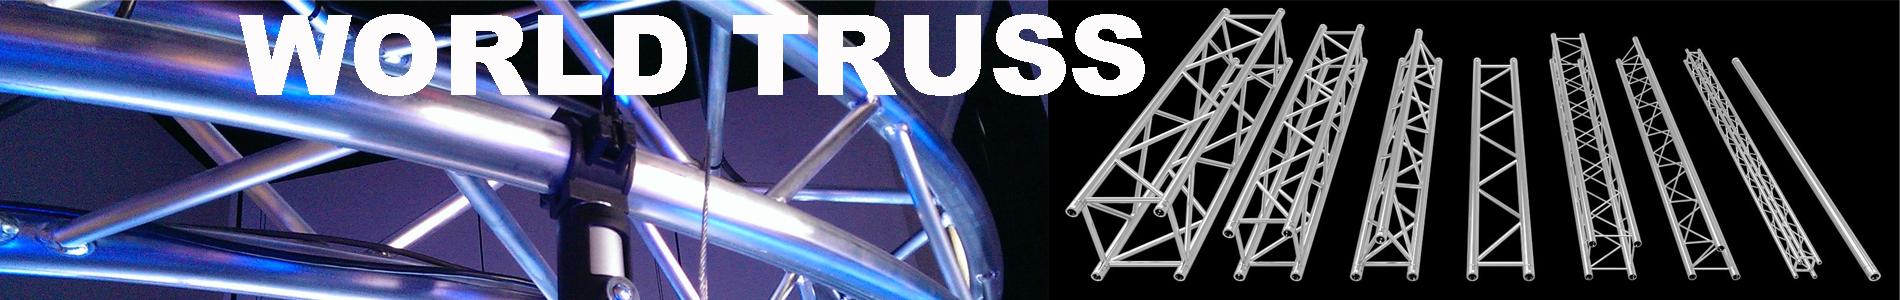 World Truss